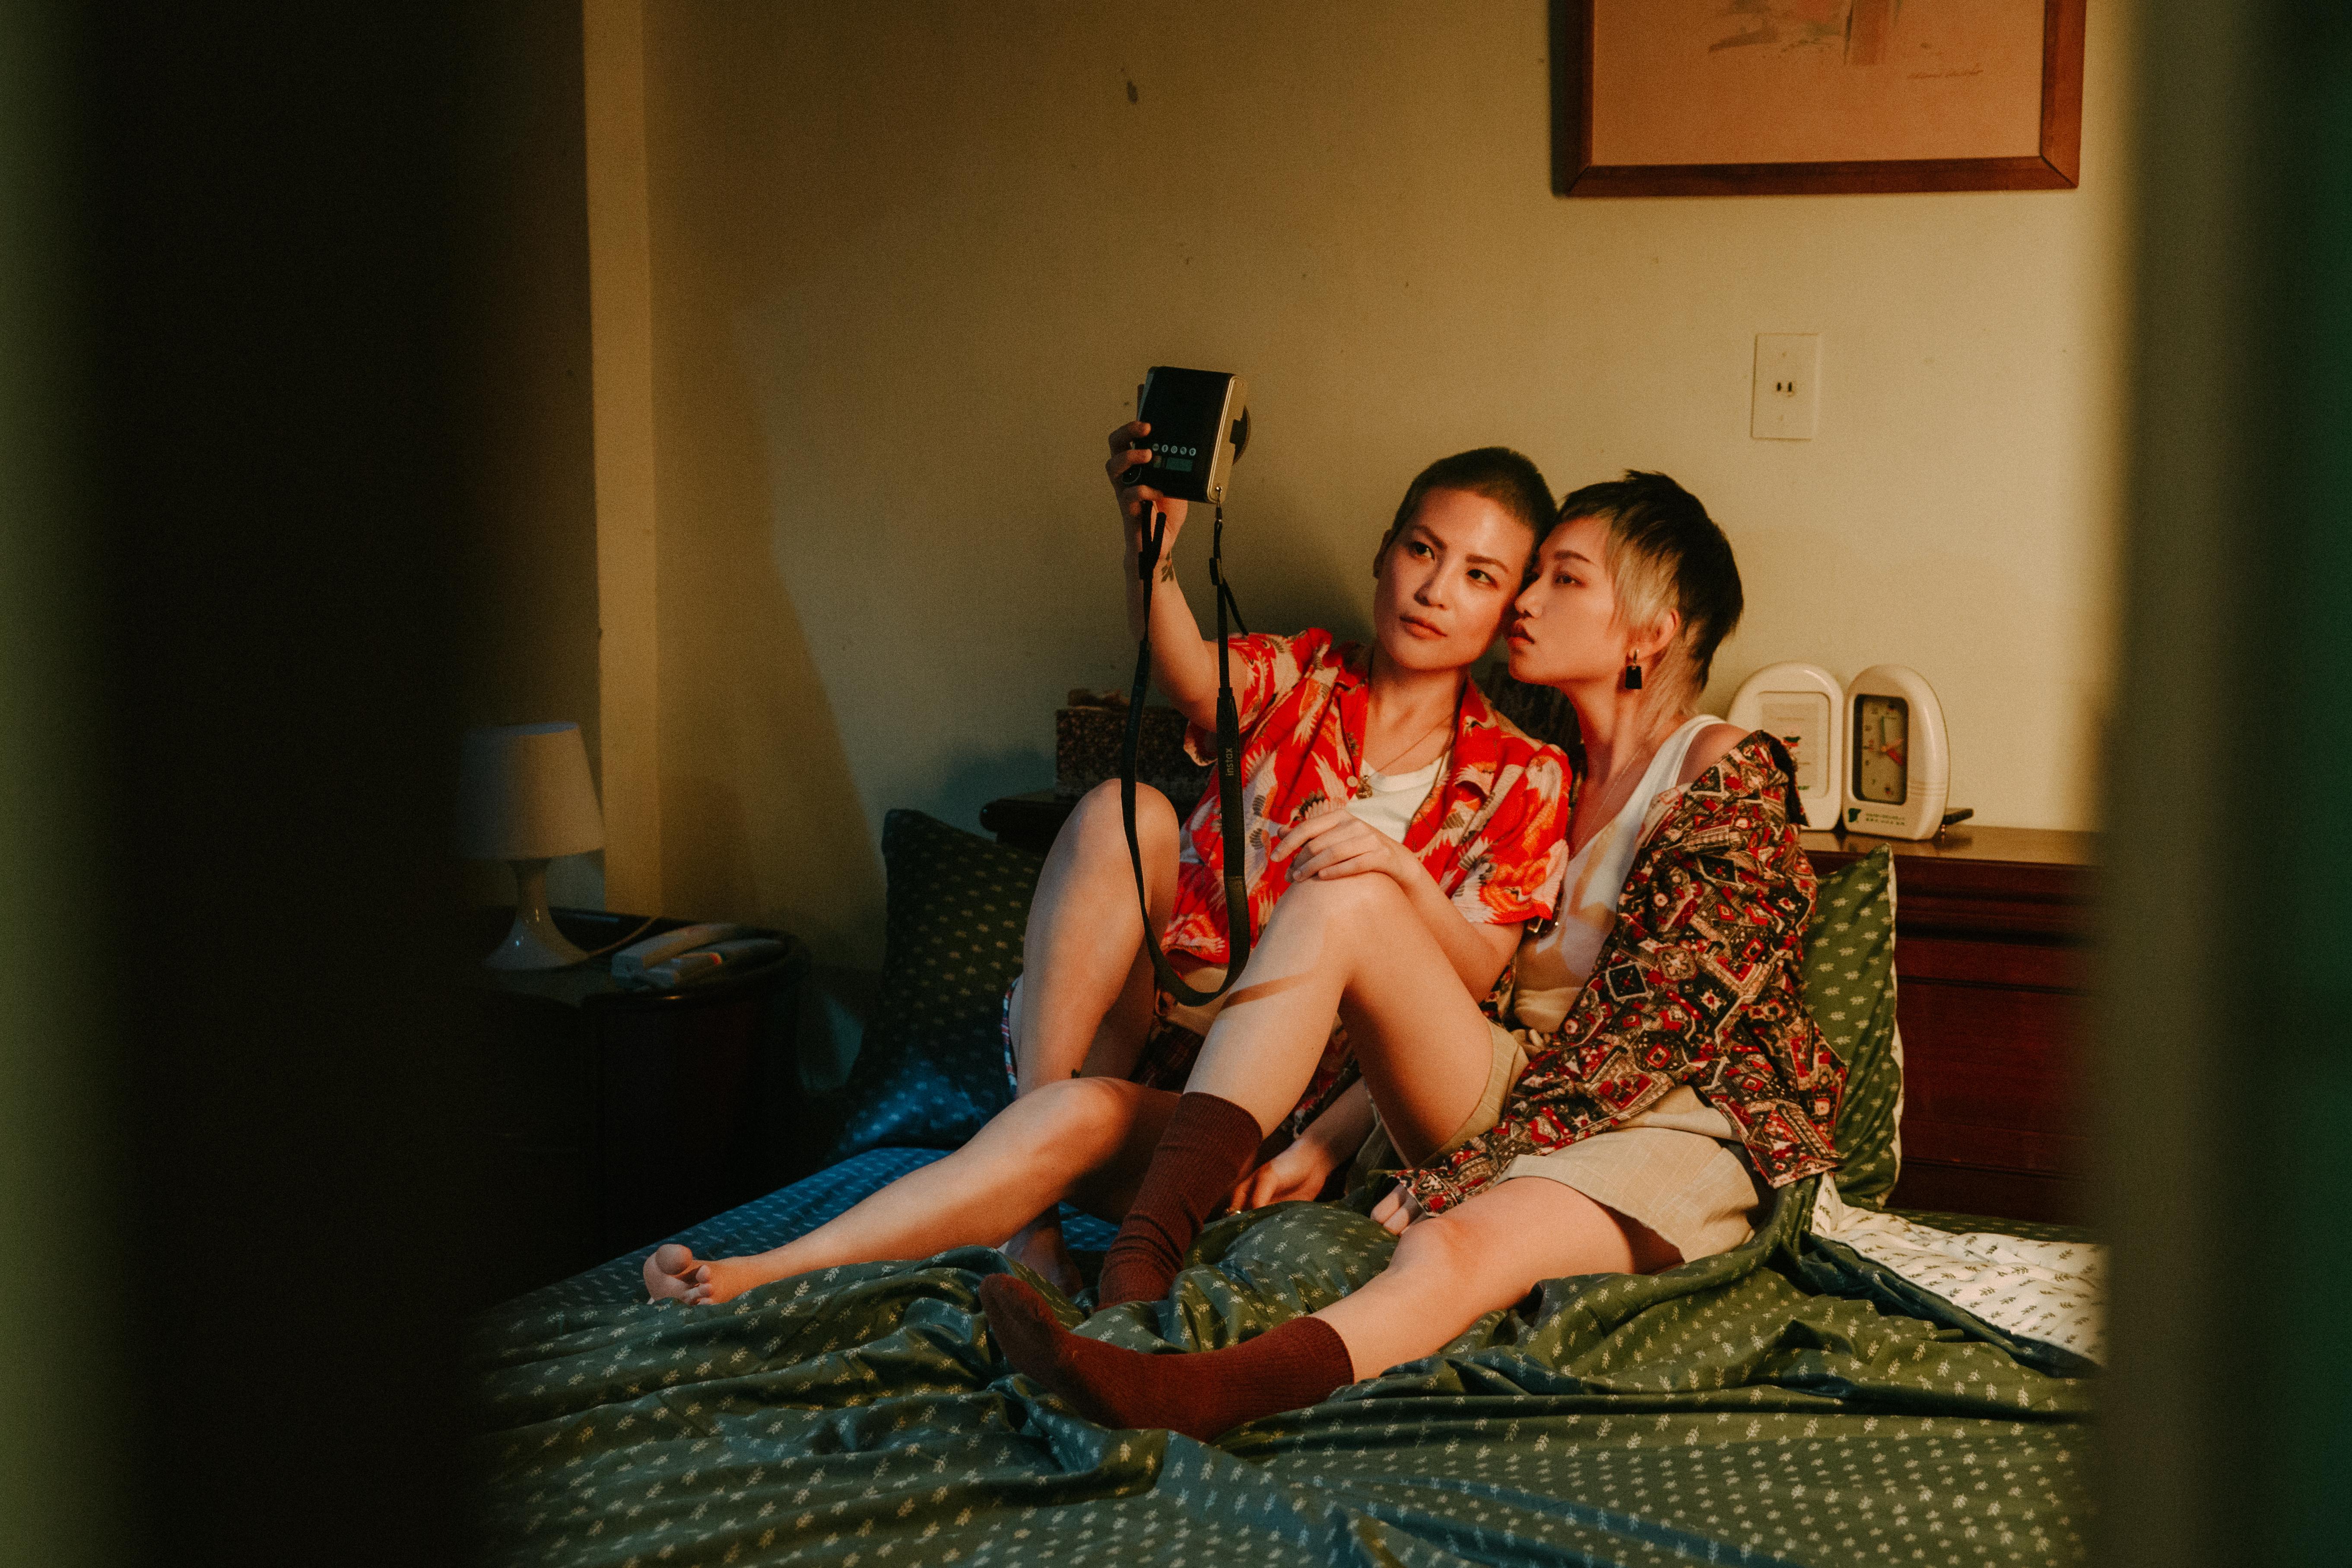 以影像展現同志情慾與故事─專訪攝影創作者Kat